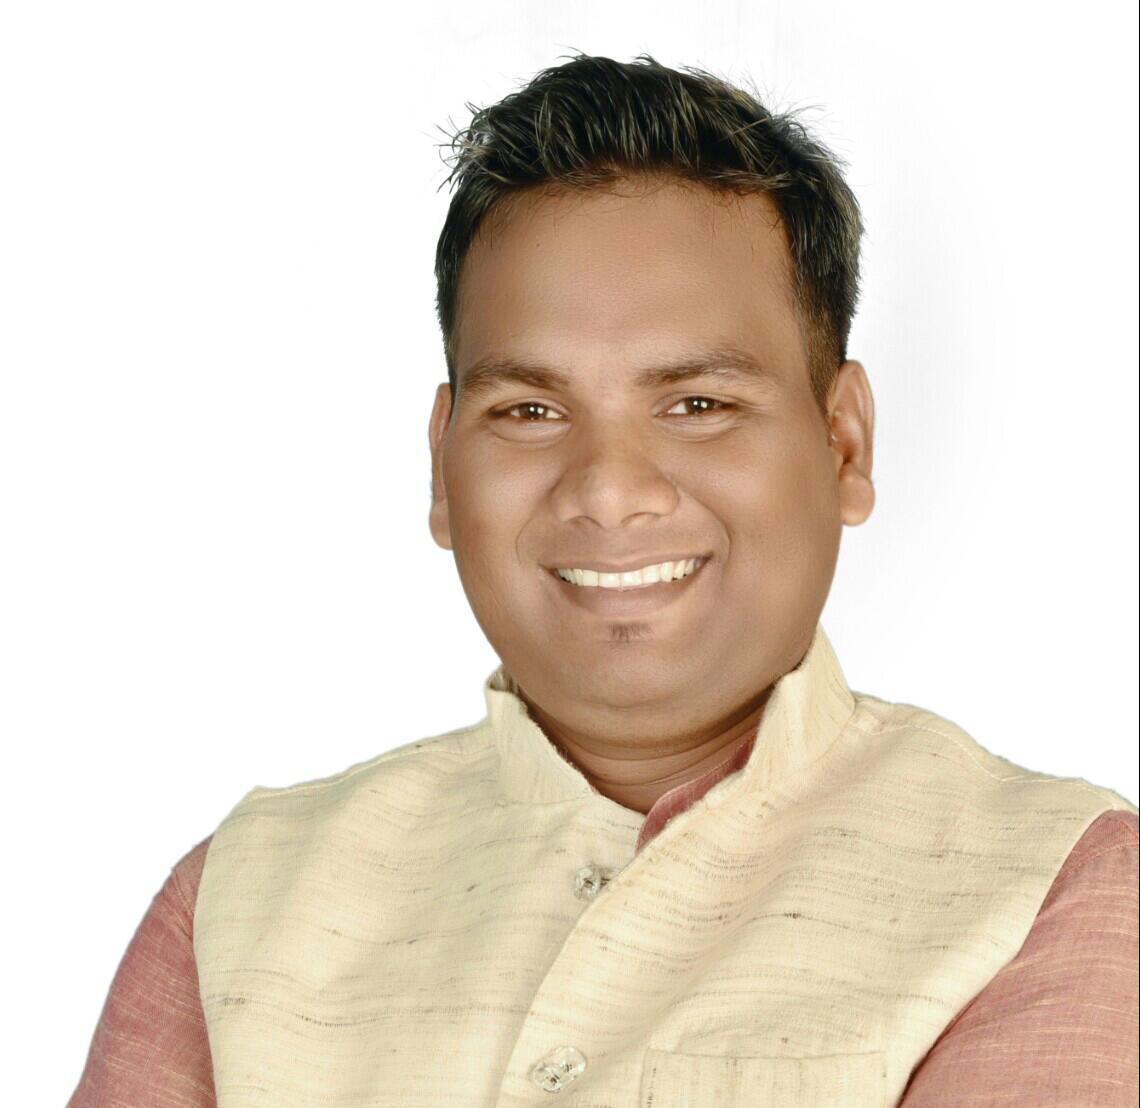 हिंदी समाचार |भाजपा सरकार उत्तर भारतीयों को...